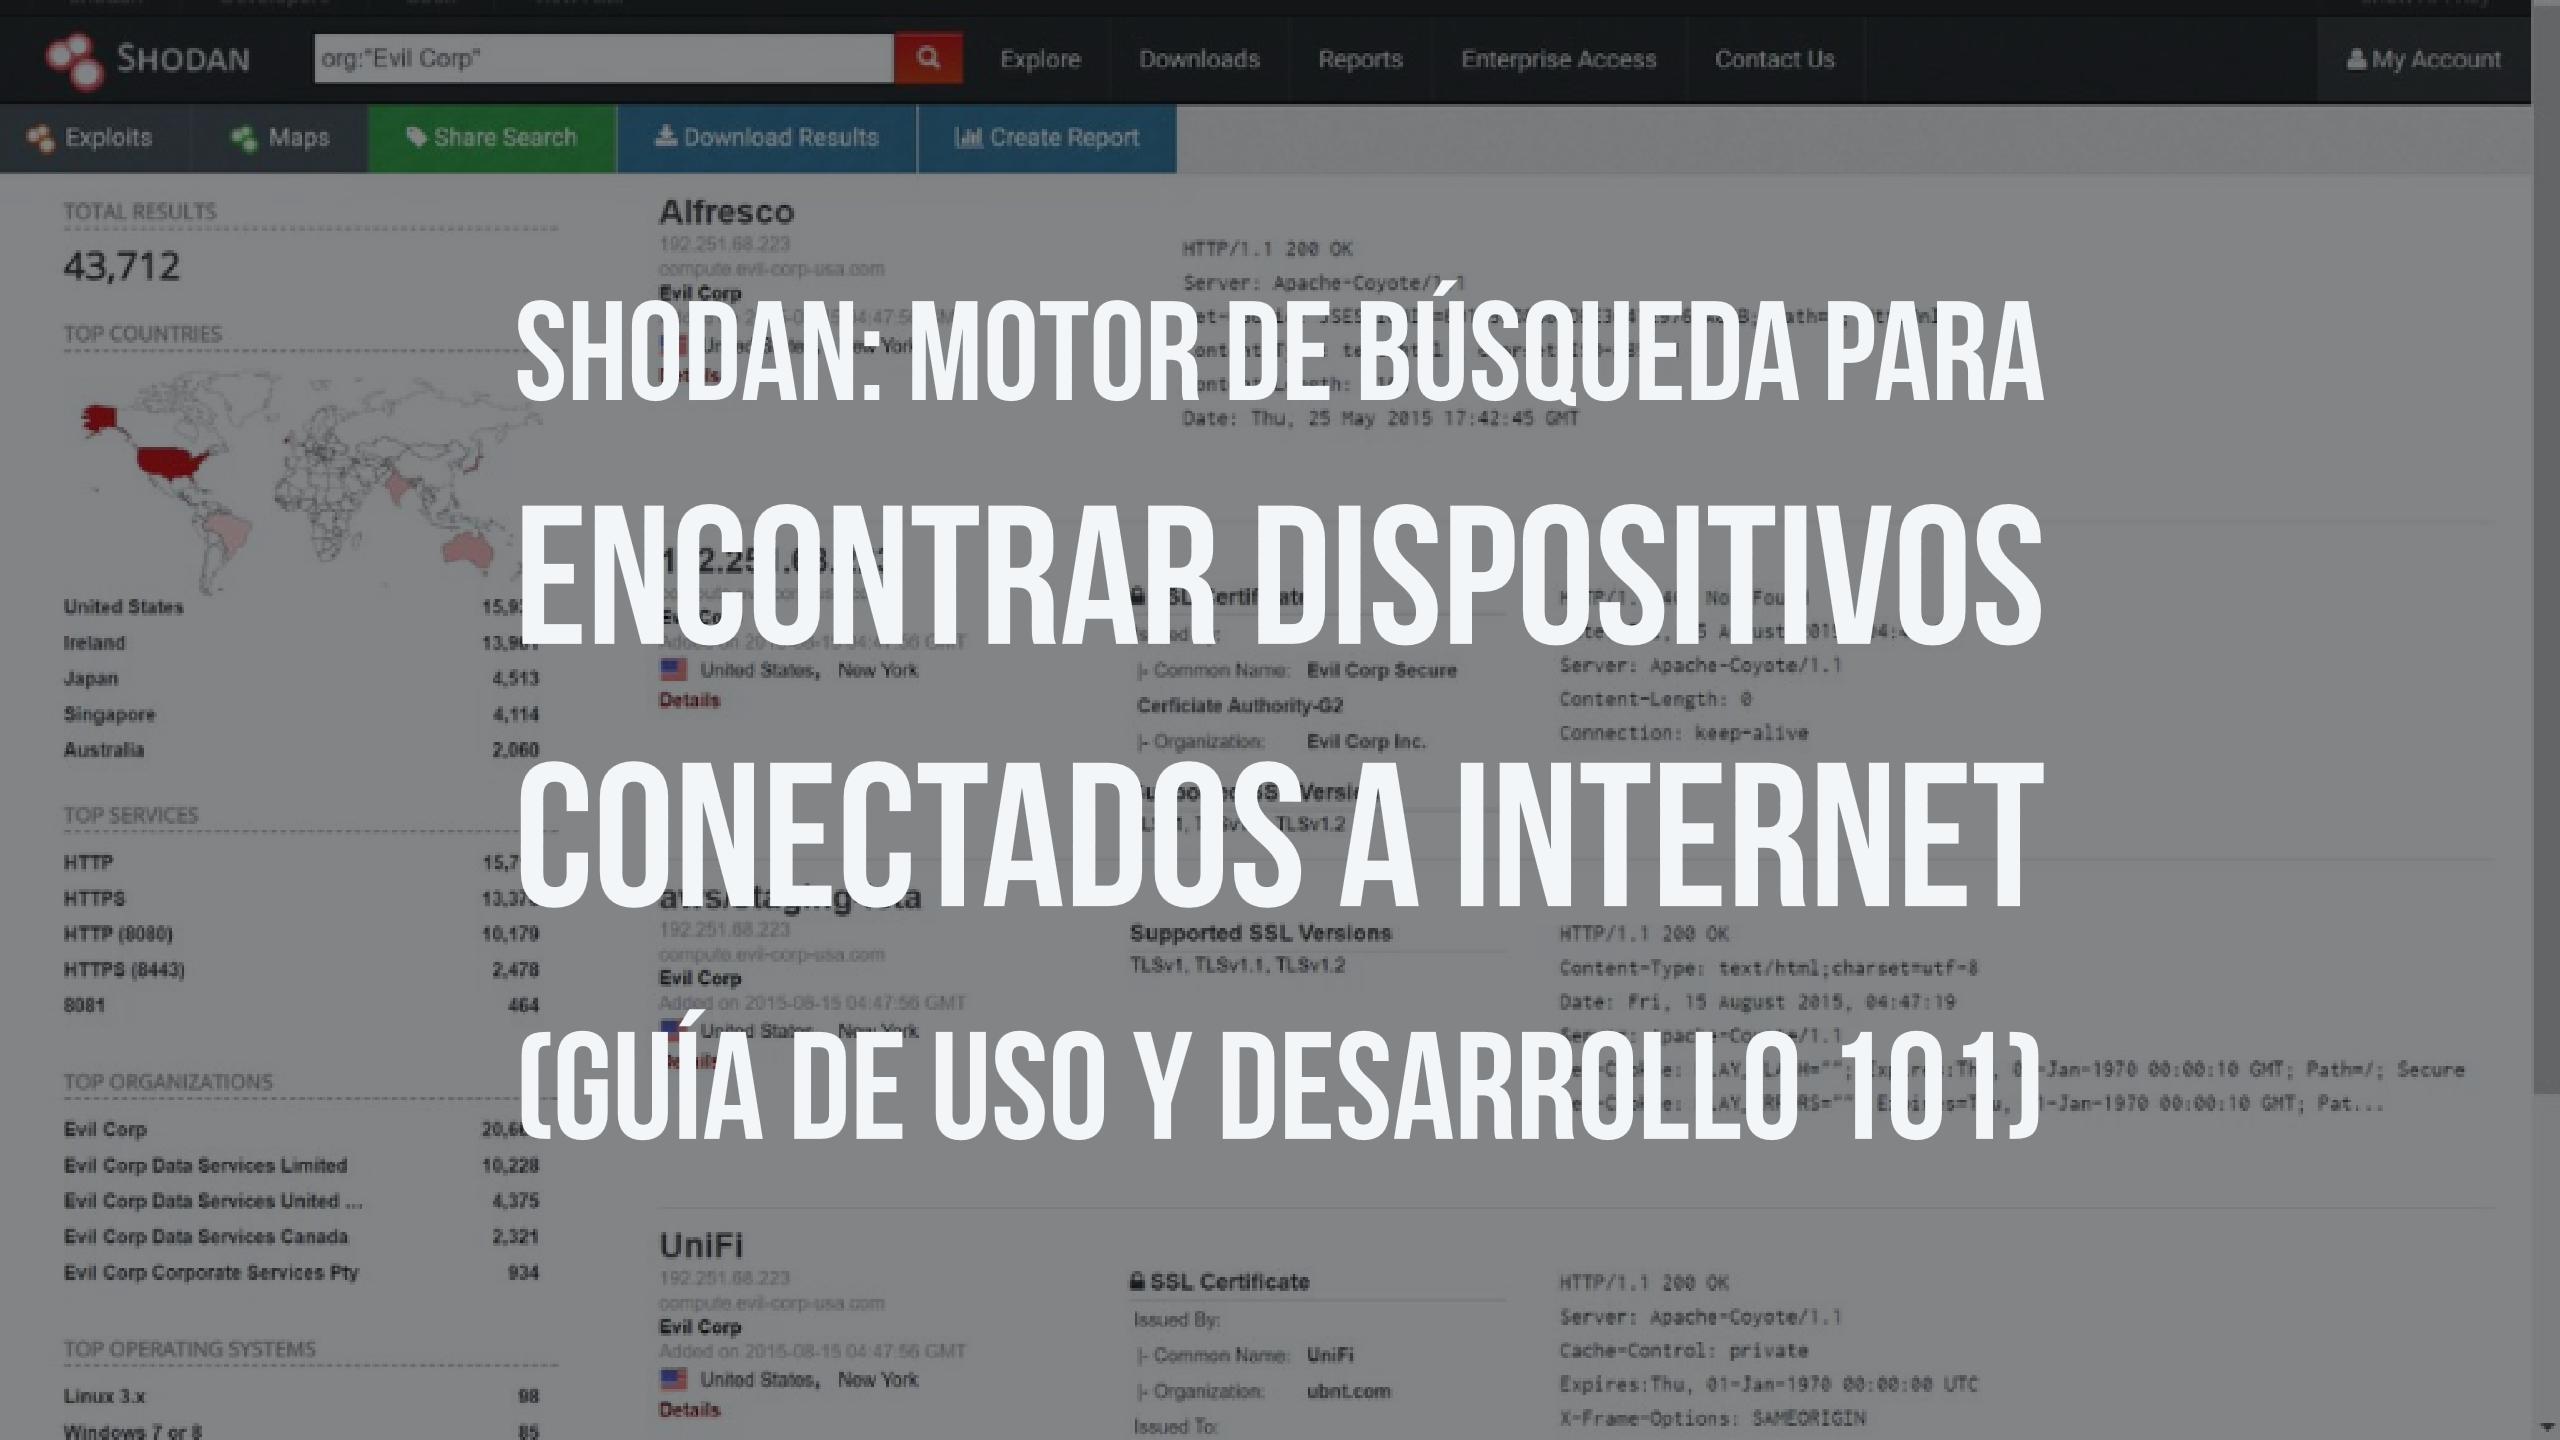 SHODAN: Motor de búsqueda para encontrar dispositivos conectados a internet (Guía de uso y desarrollo 101)